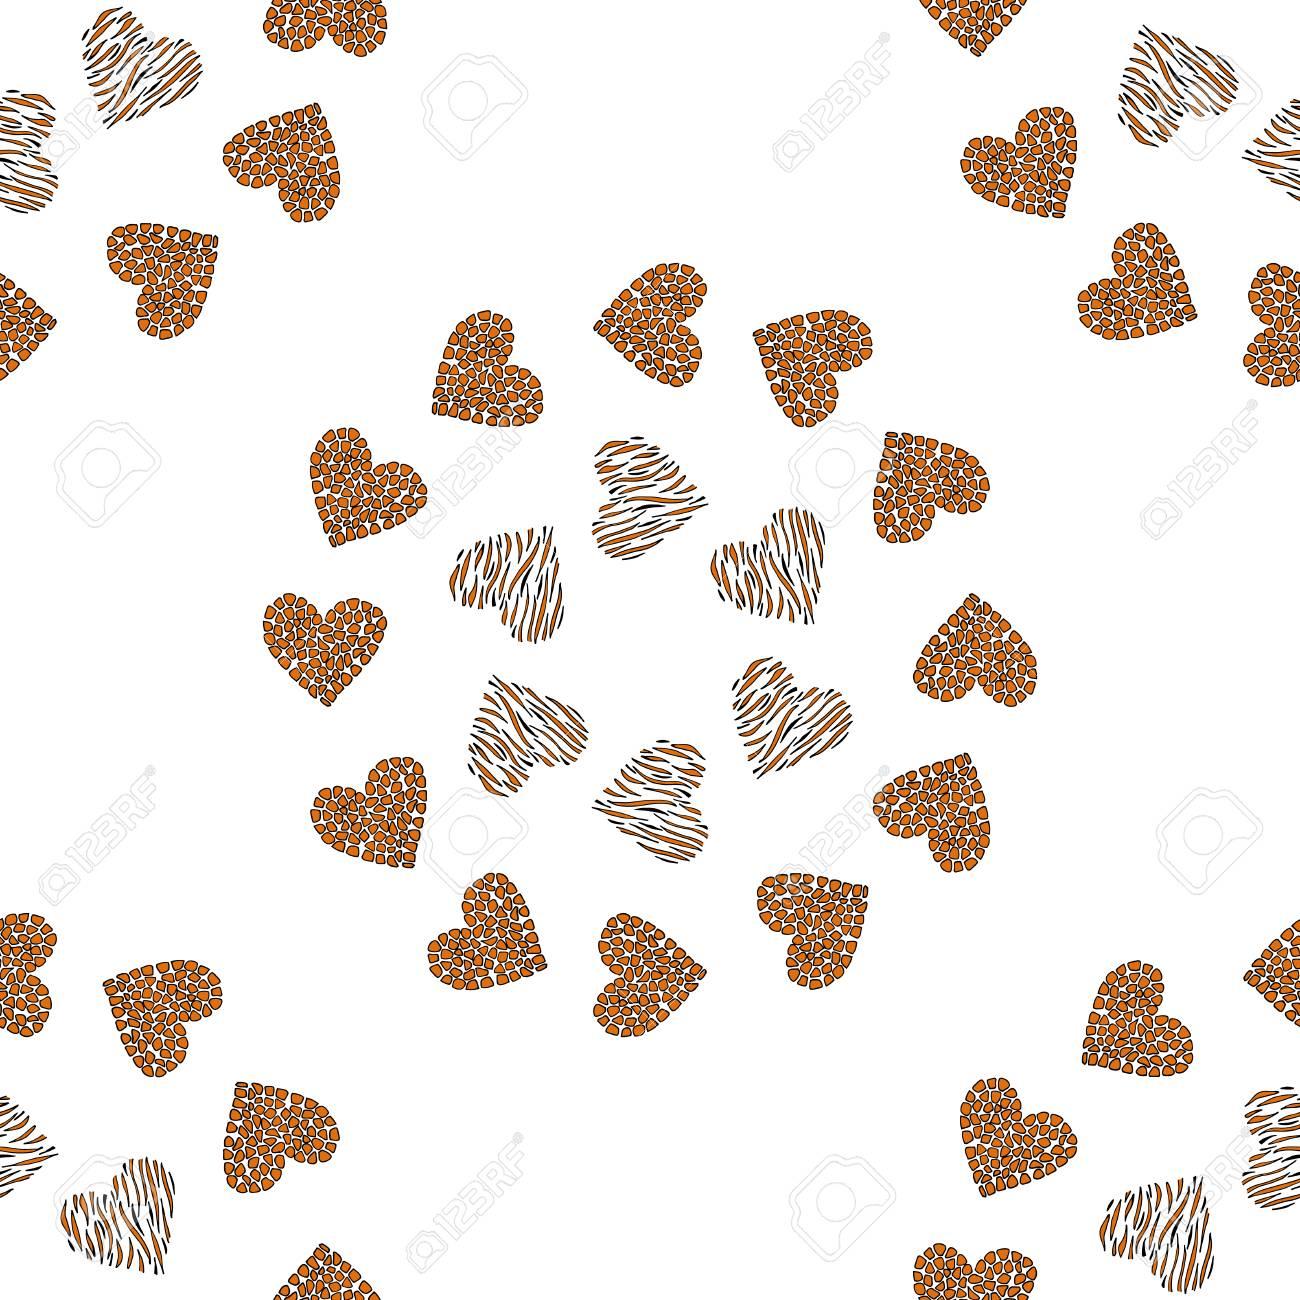 心のシームレスなパターン背景 ヒョウ キリン柄肌 ロマンチックな壁紙のイラスト素材 ベクタ Image